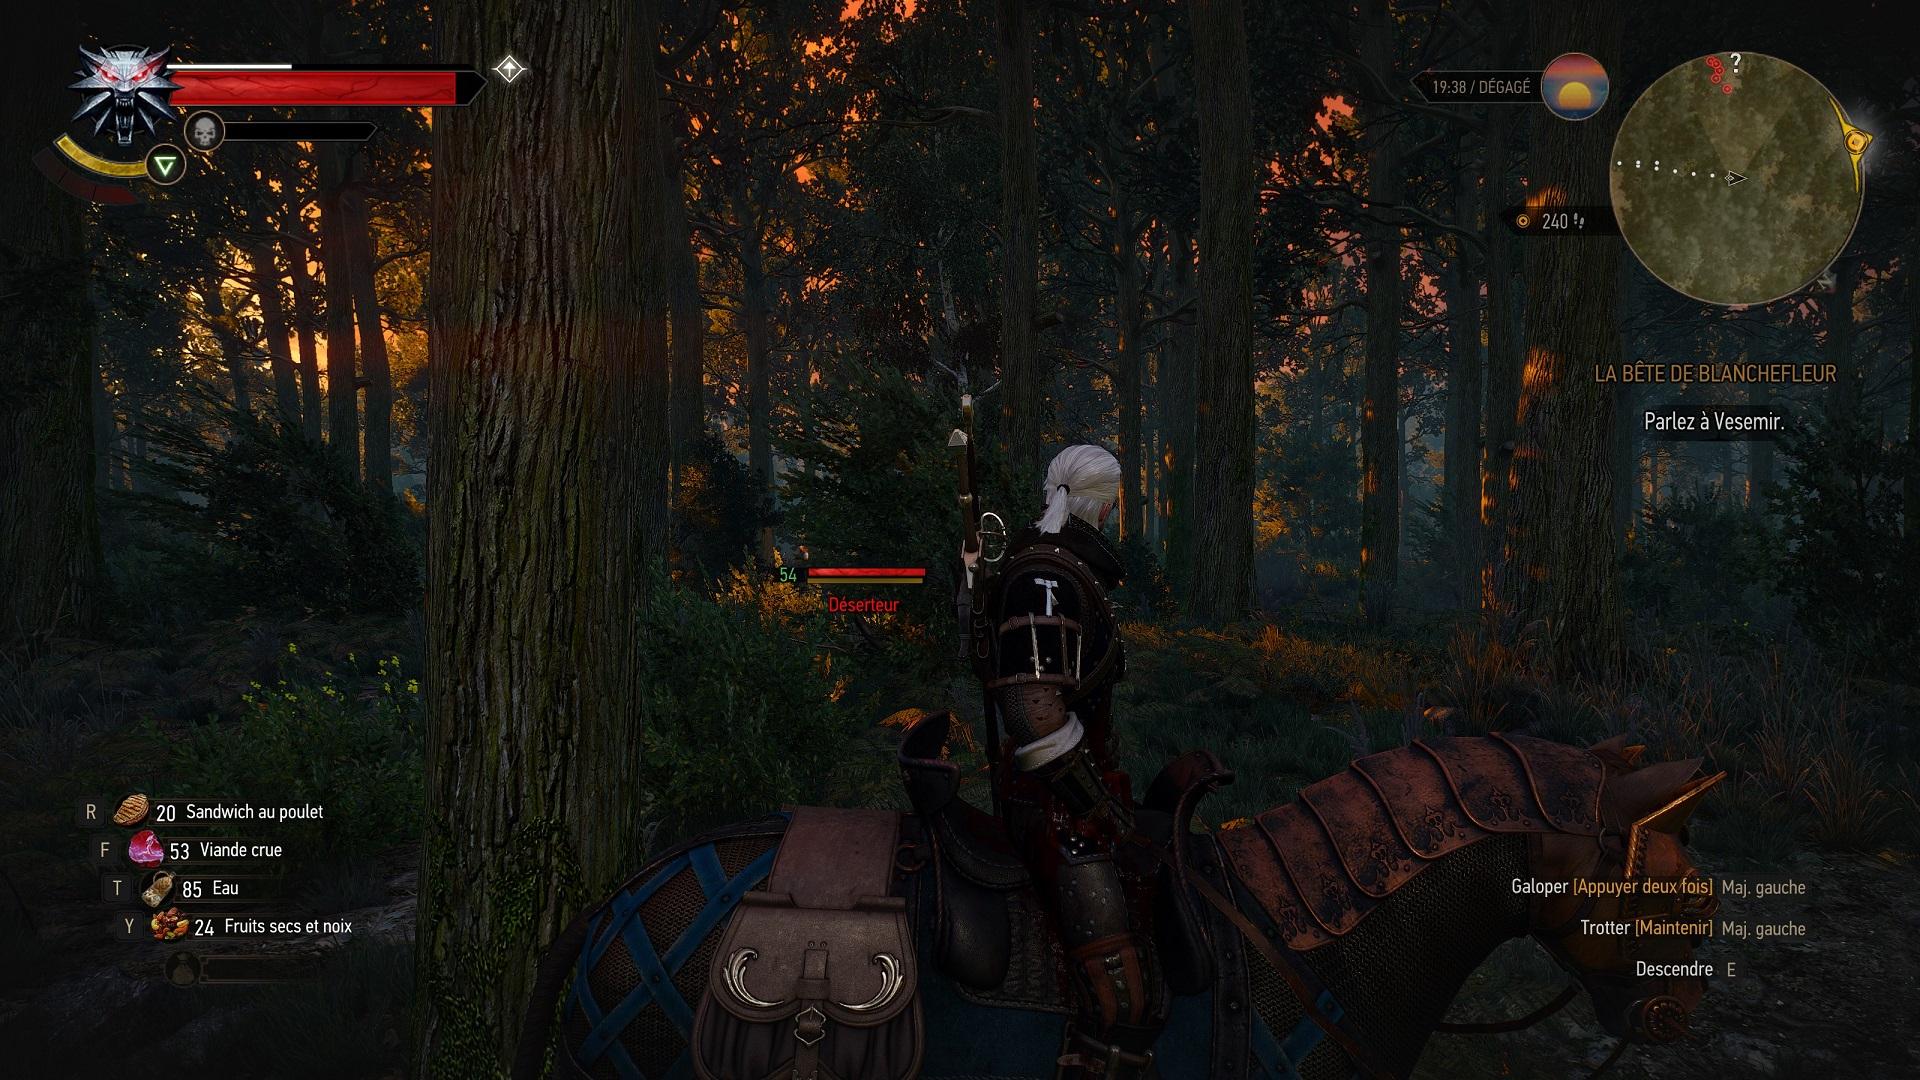 Witcher 3 Explore - Rds Jeux Vidéo encequiconcerne Jeux De Secs